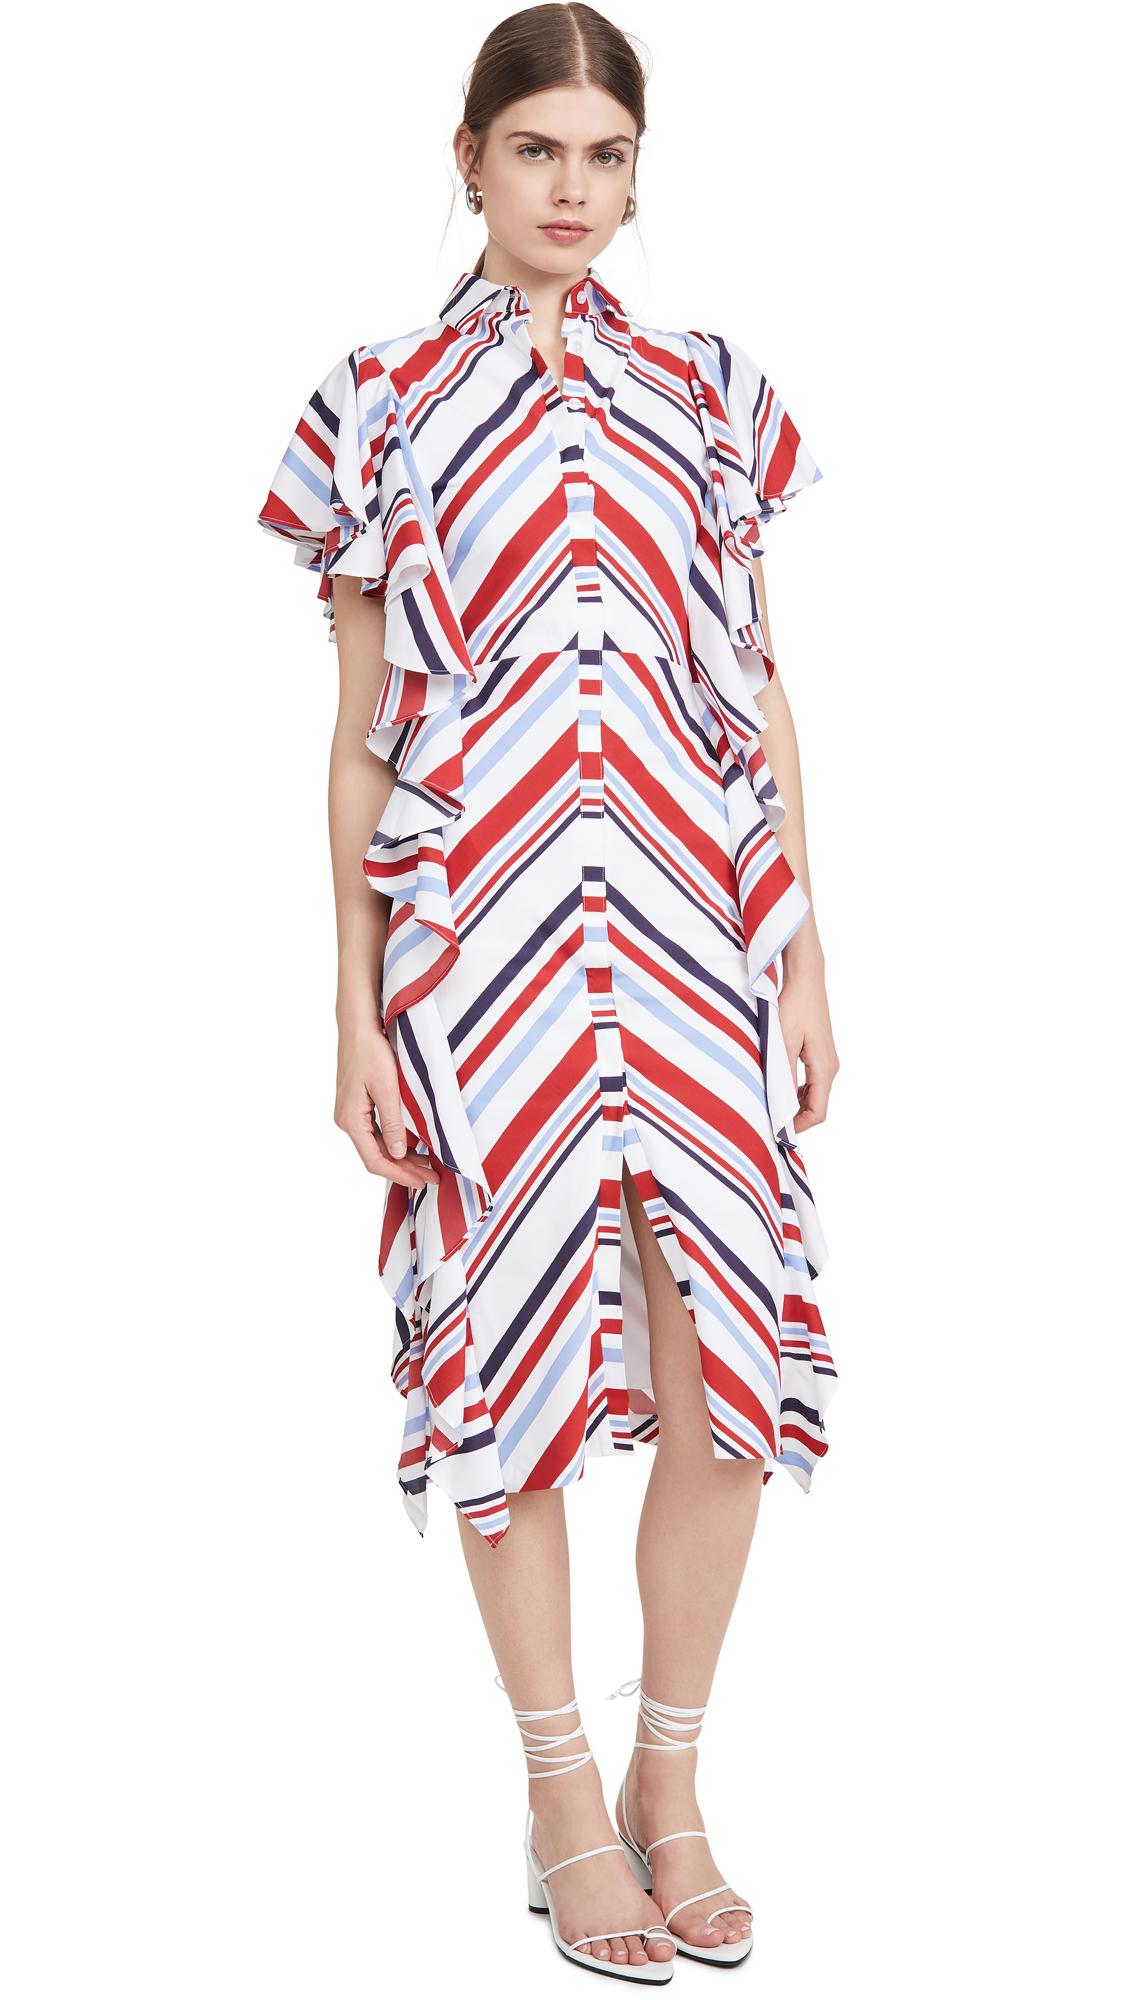 Stella Jean Abito Popeline Riga Dress - 50% Off Sale